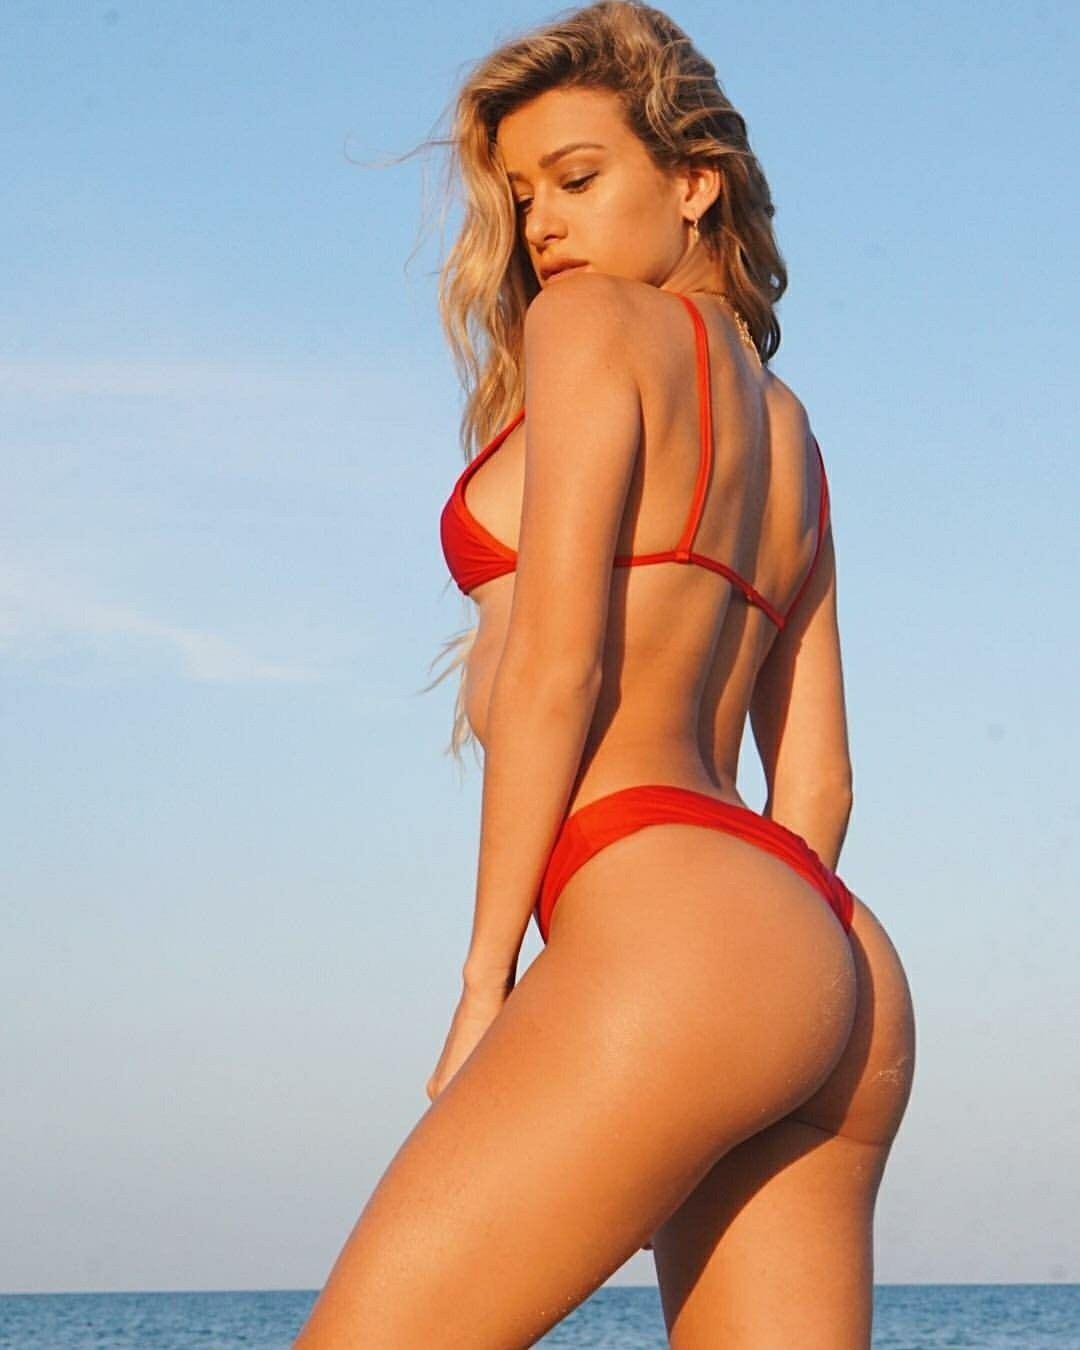 Bikini Cindy Prado nude (19 photos), Pussy, Paparazzi, Feet, braless 2017